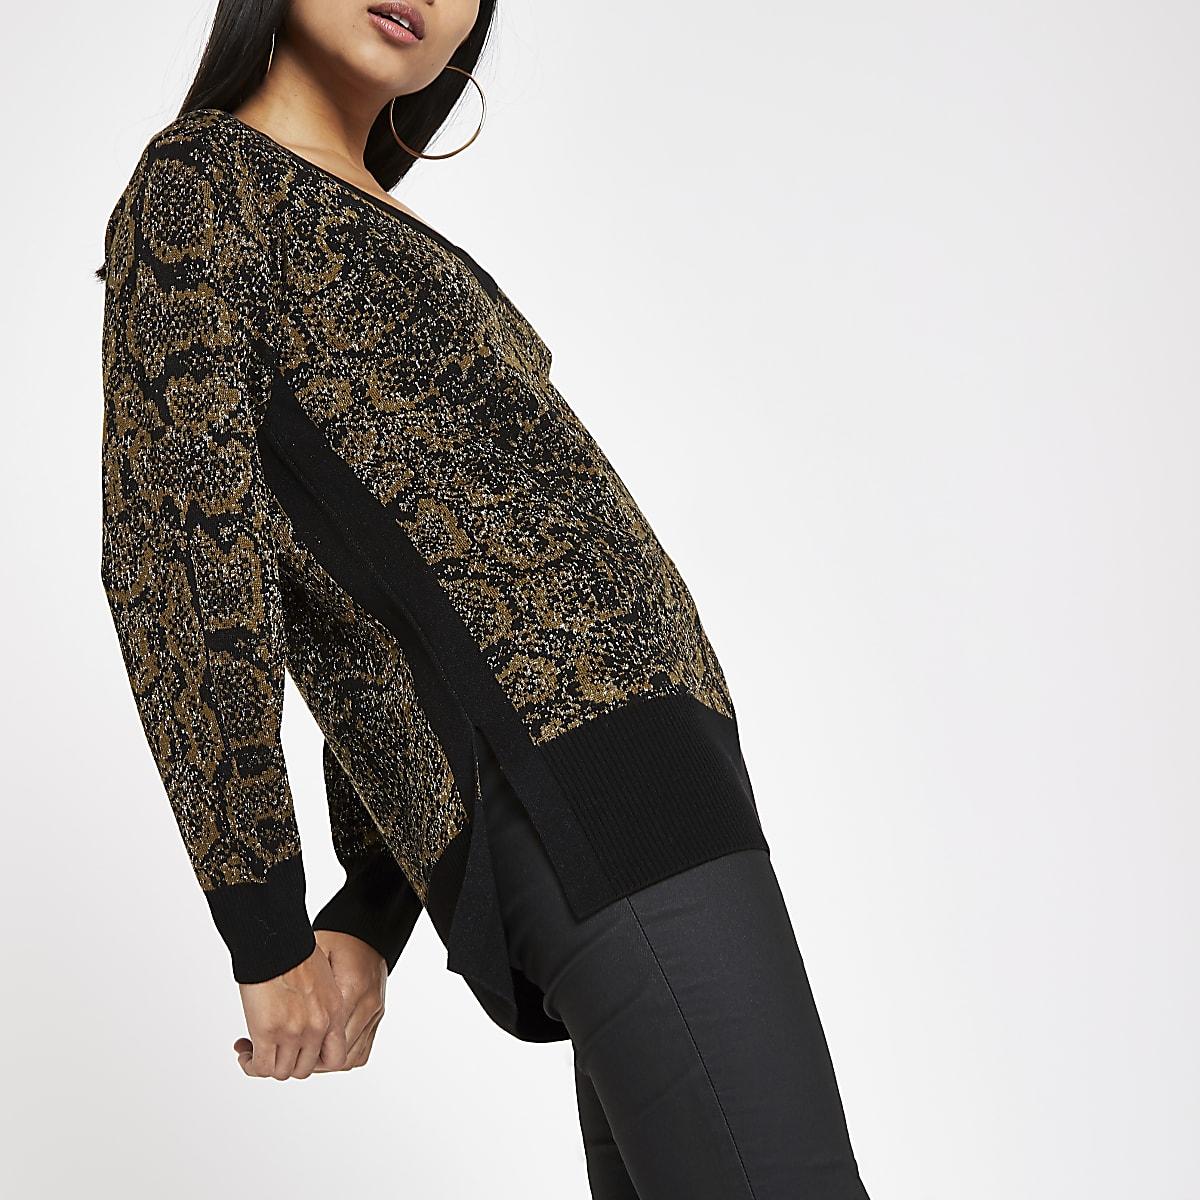 Petite khaki snake print V neck sweater